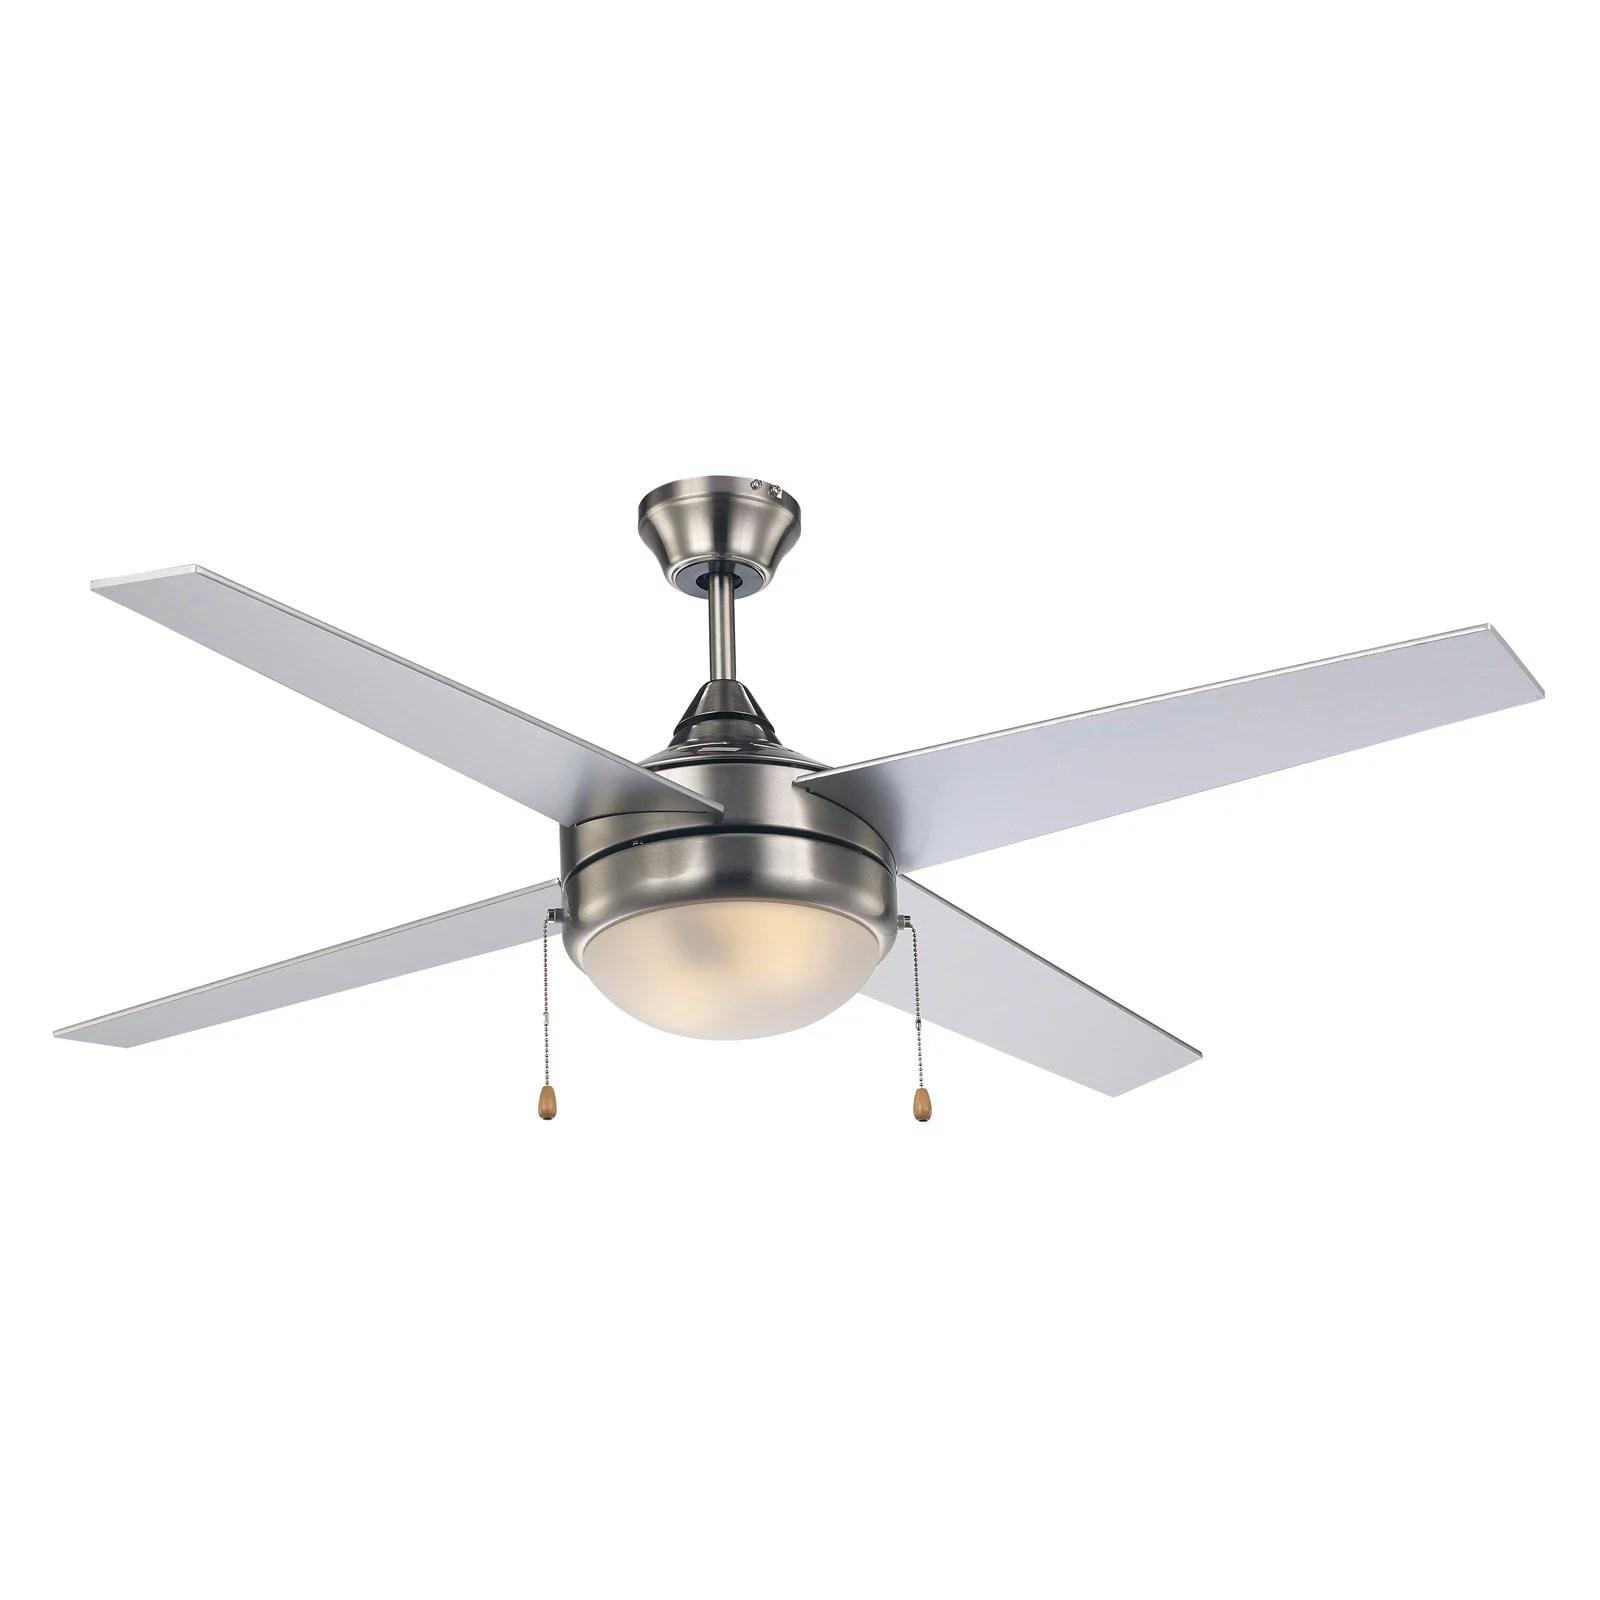 trans globe lighting f 1014 bn 52 in ceiling fan with light walmart com